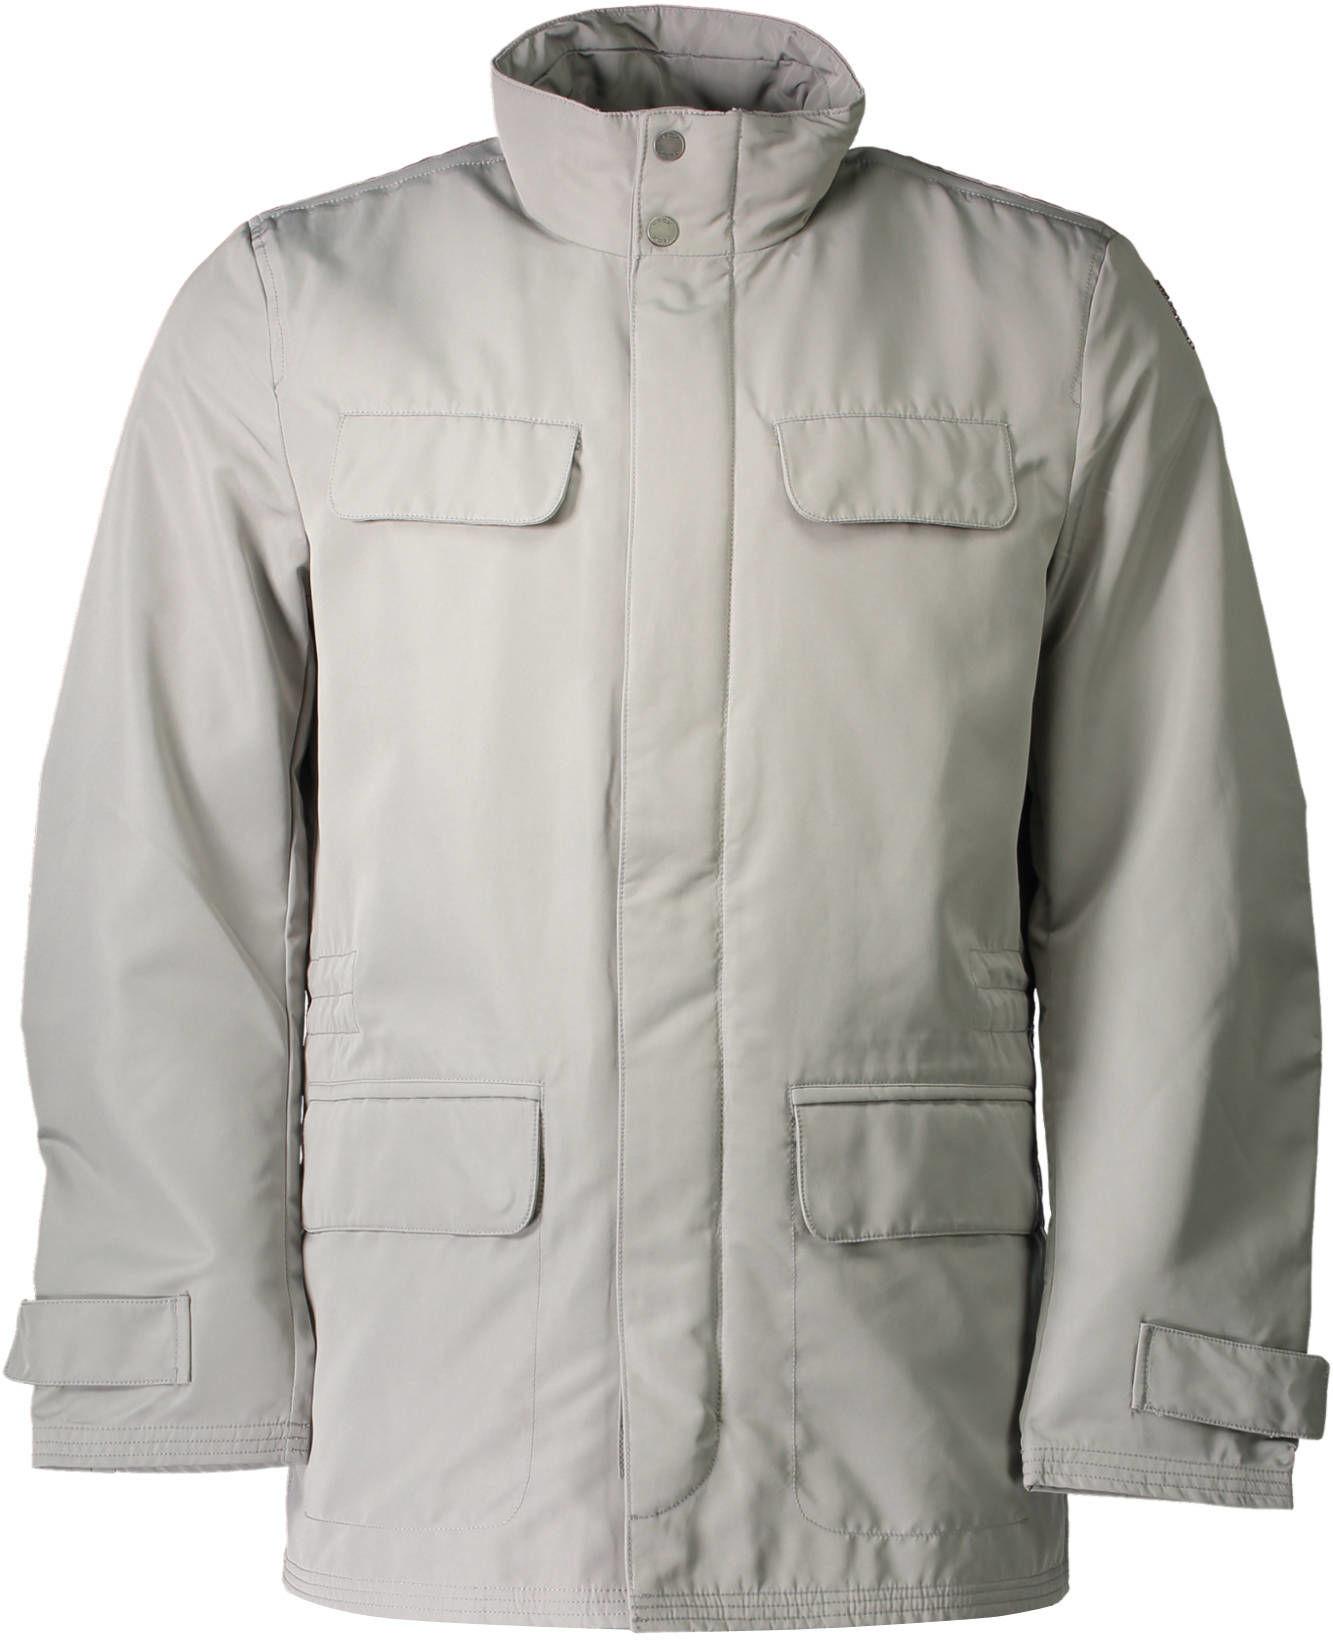 GEOX Jacket Men